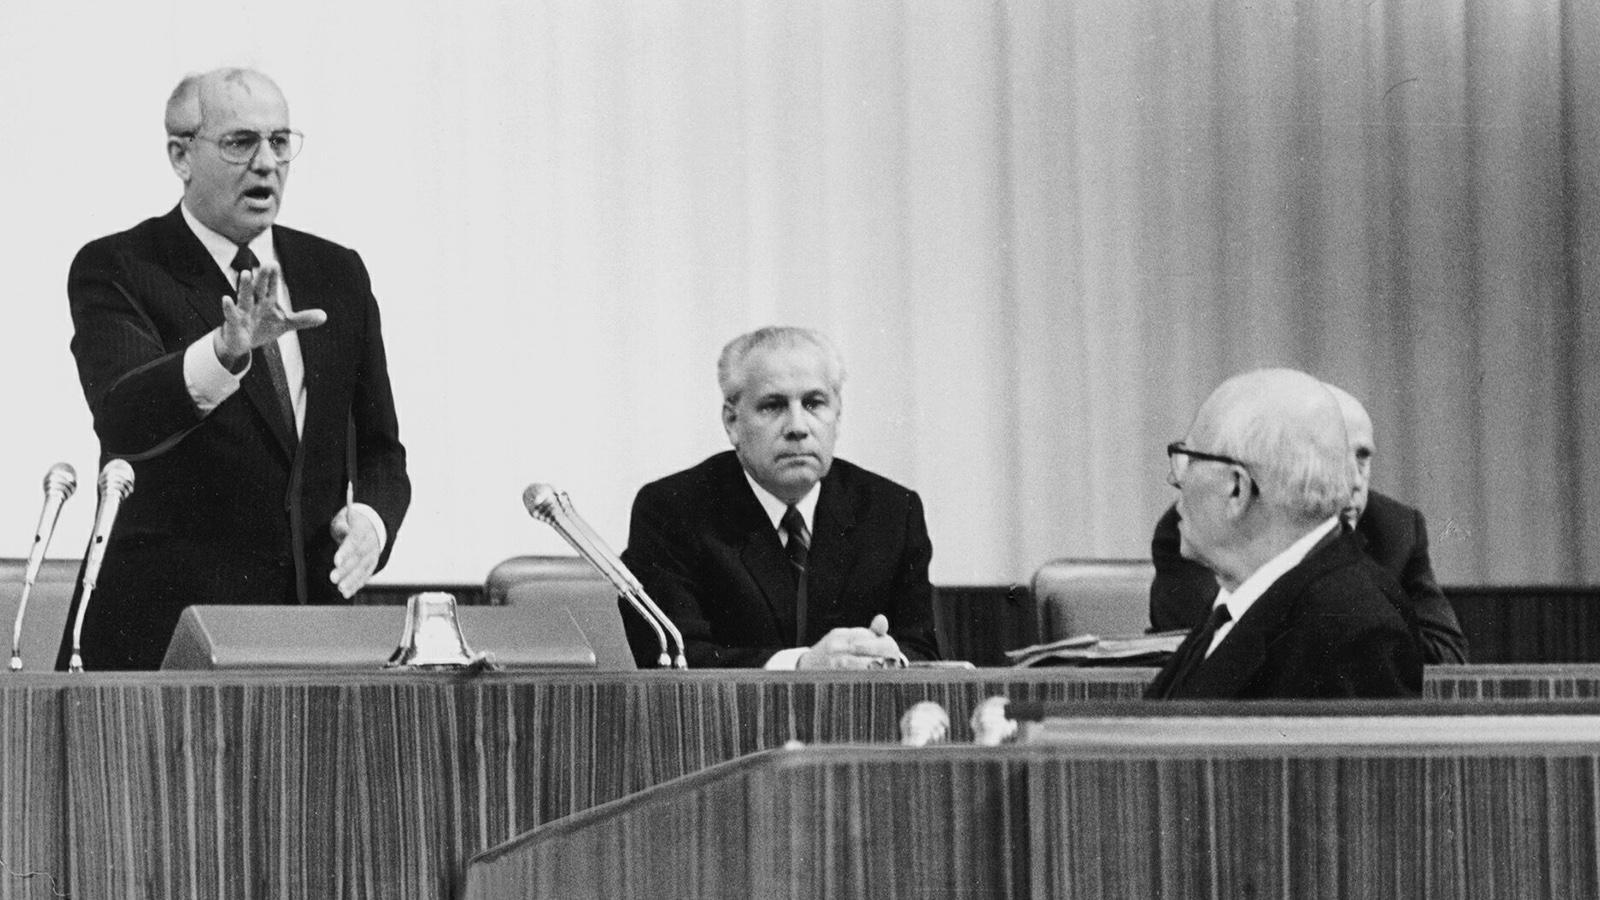 1989 год. Первые альтернативные выборы и I Съезд народных депутатов